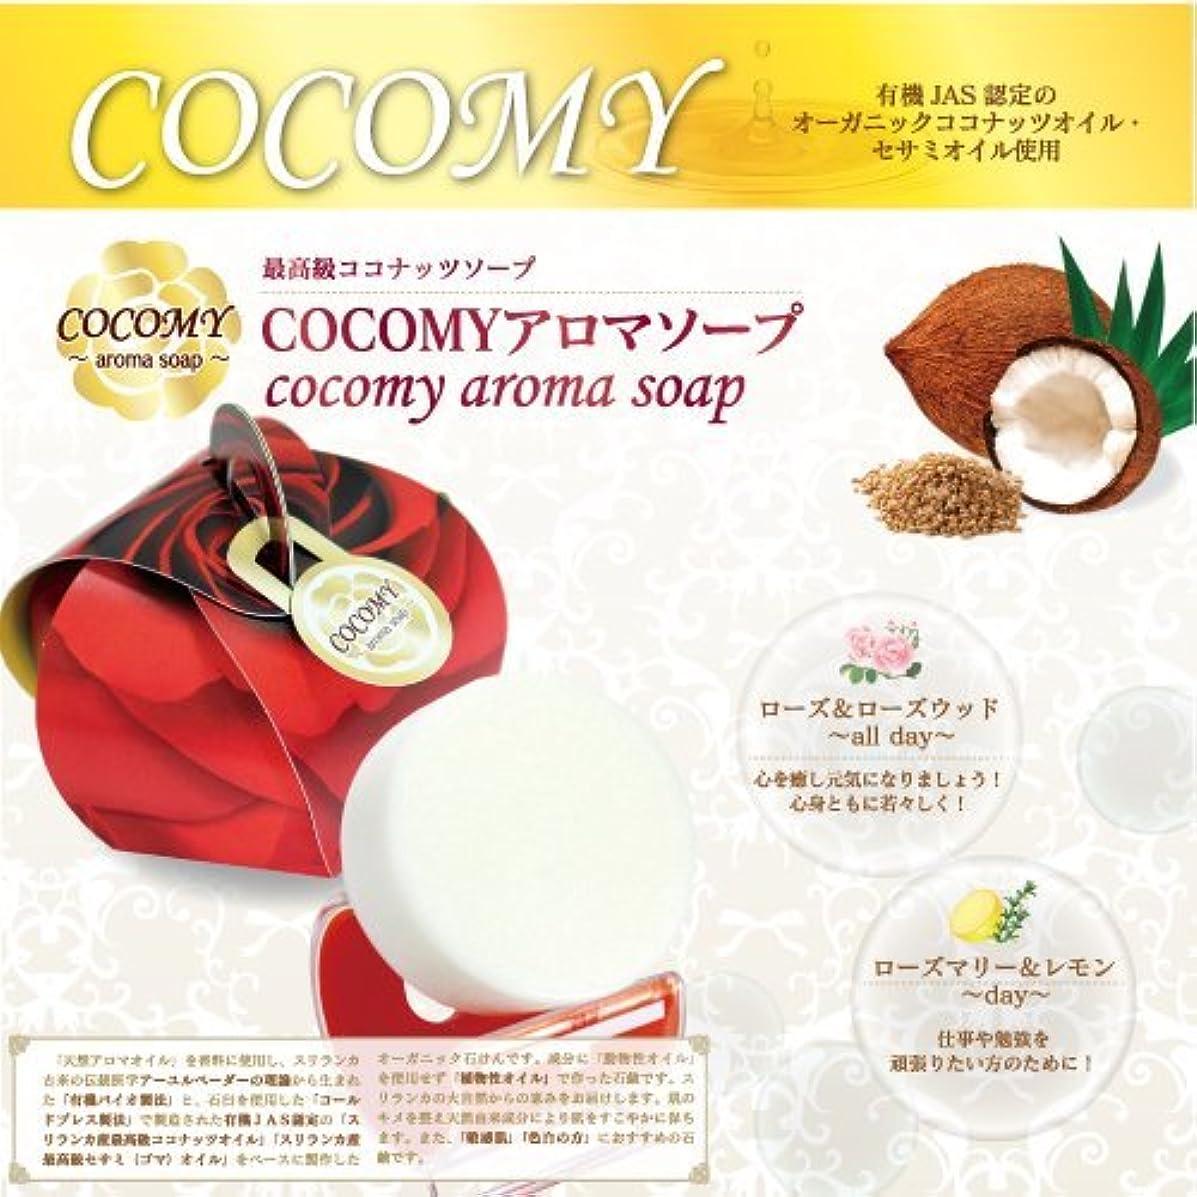 怖がって死ぬ混沌暴君COCOMY aromaソープ 4個セット (ローズマリー&レモン)(ローズ&ローズウッド) 40g×各2